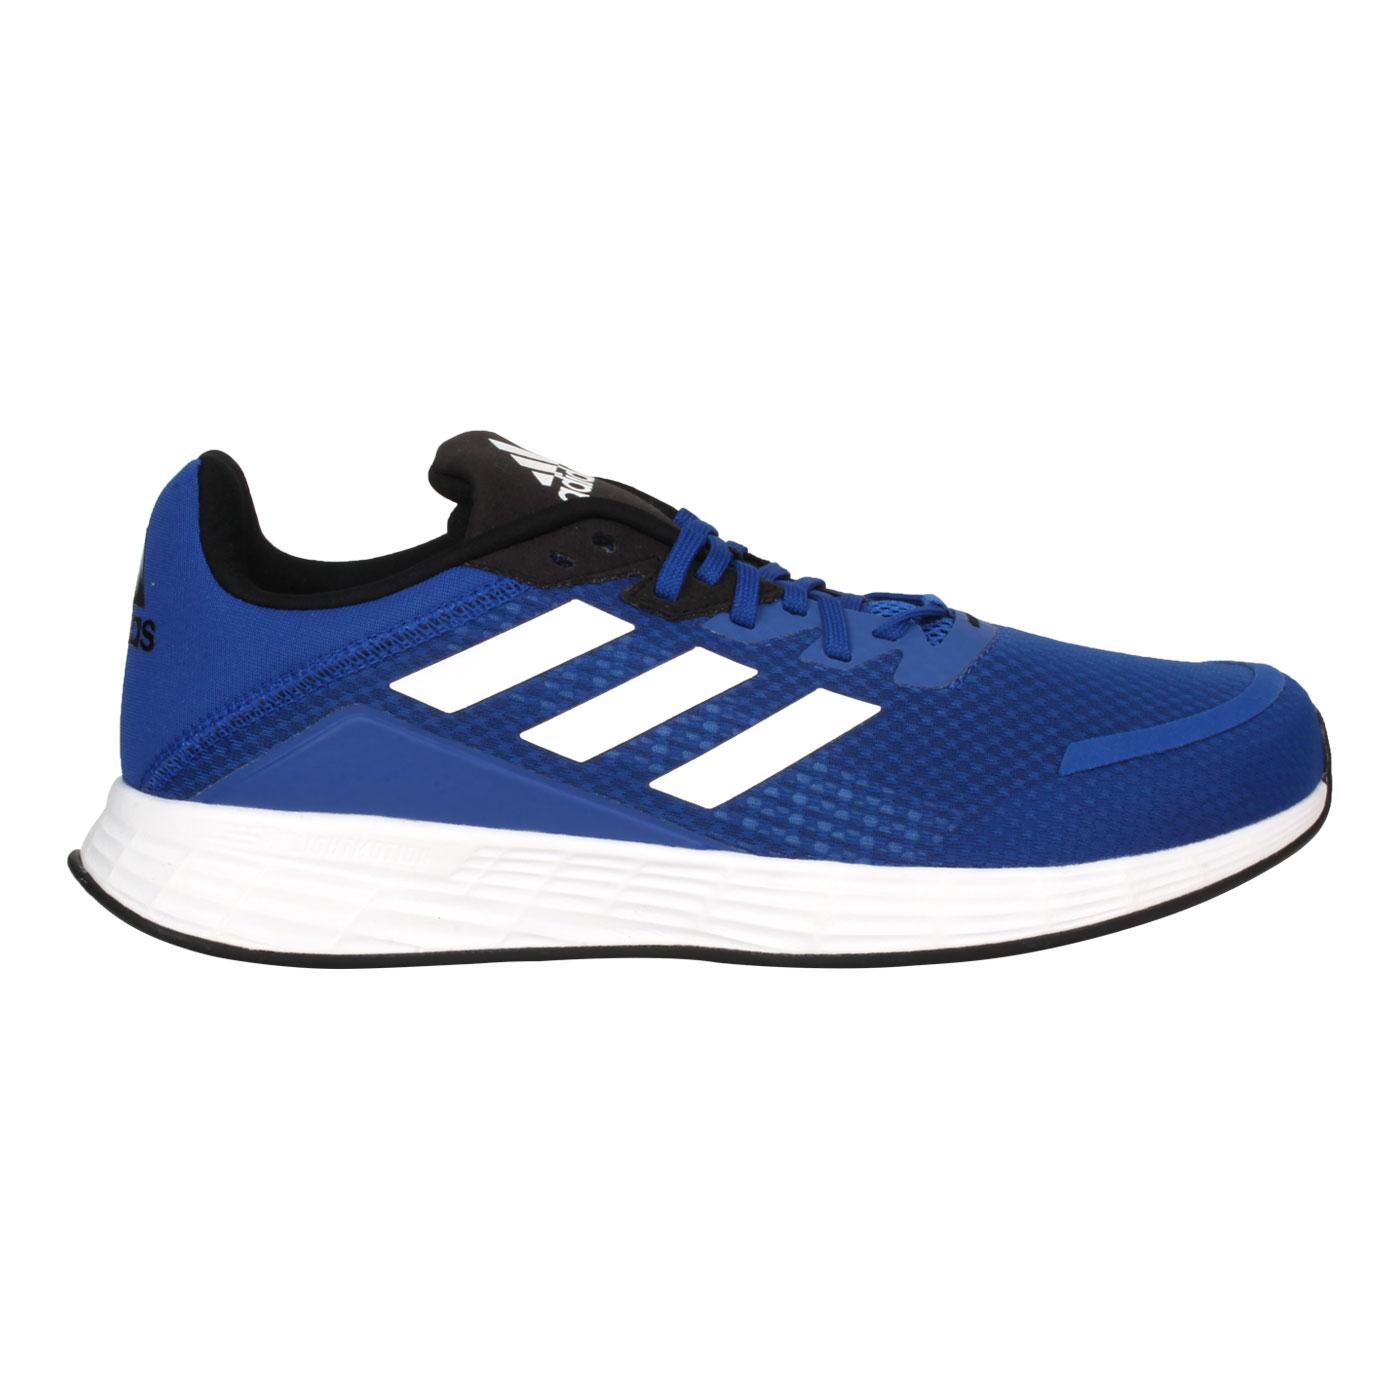 ADIDAS 男款慢跑鞋  @DURAMO SL@FW8678 - 藍白